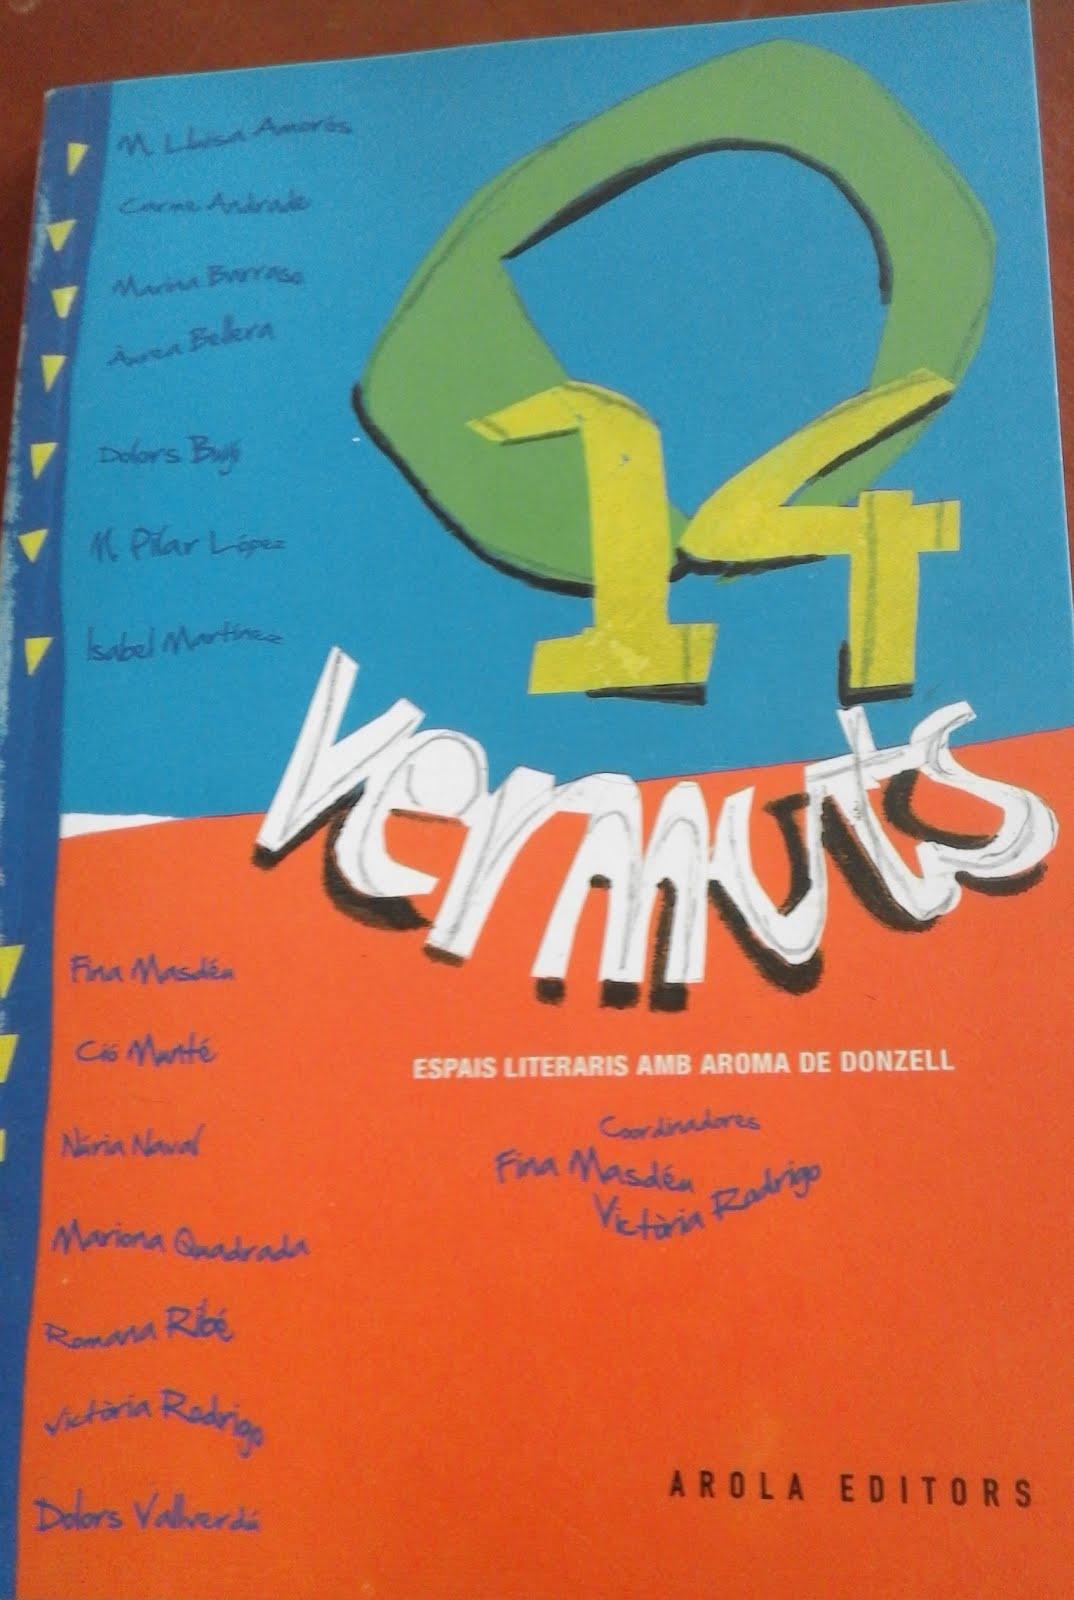 14 vermuts Arola Editors, 2016